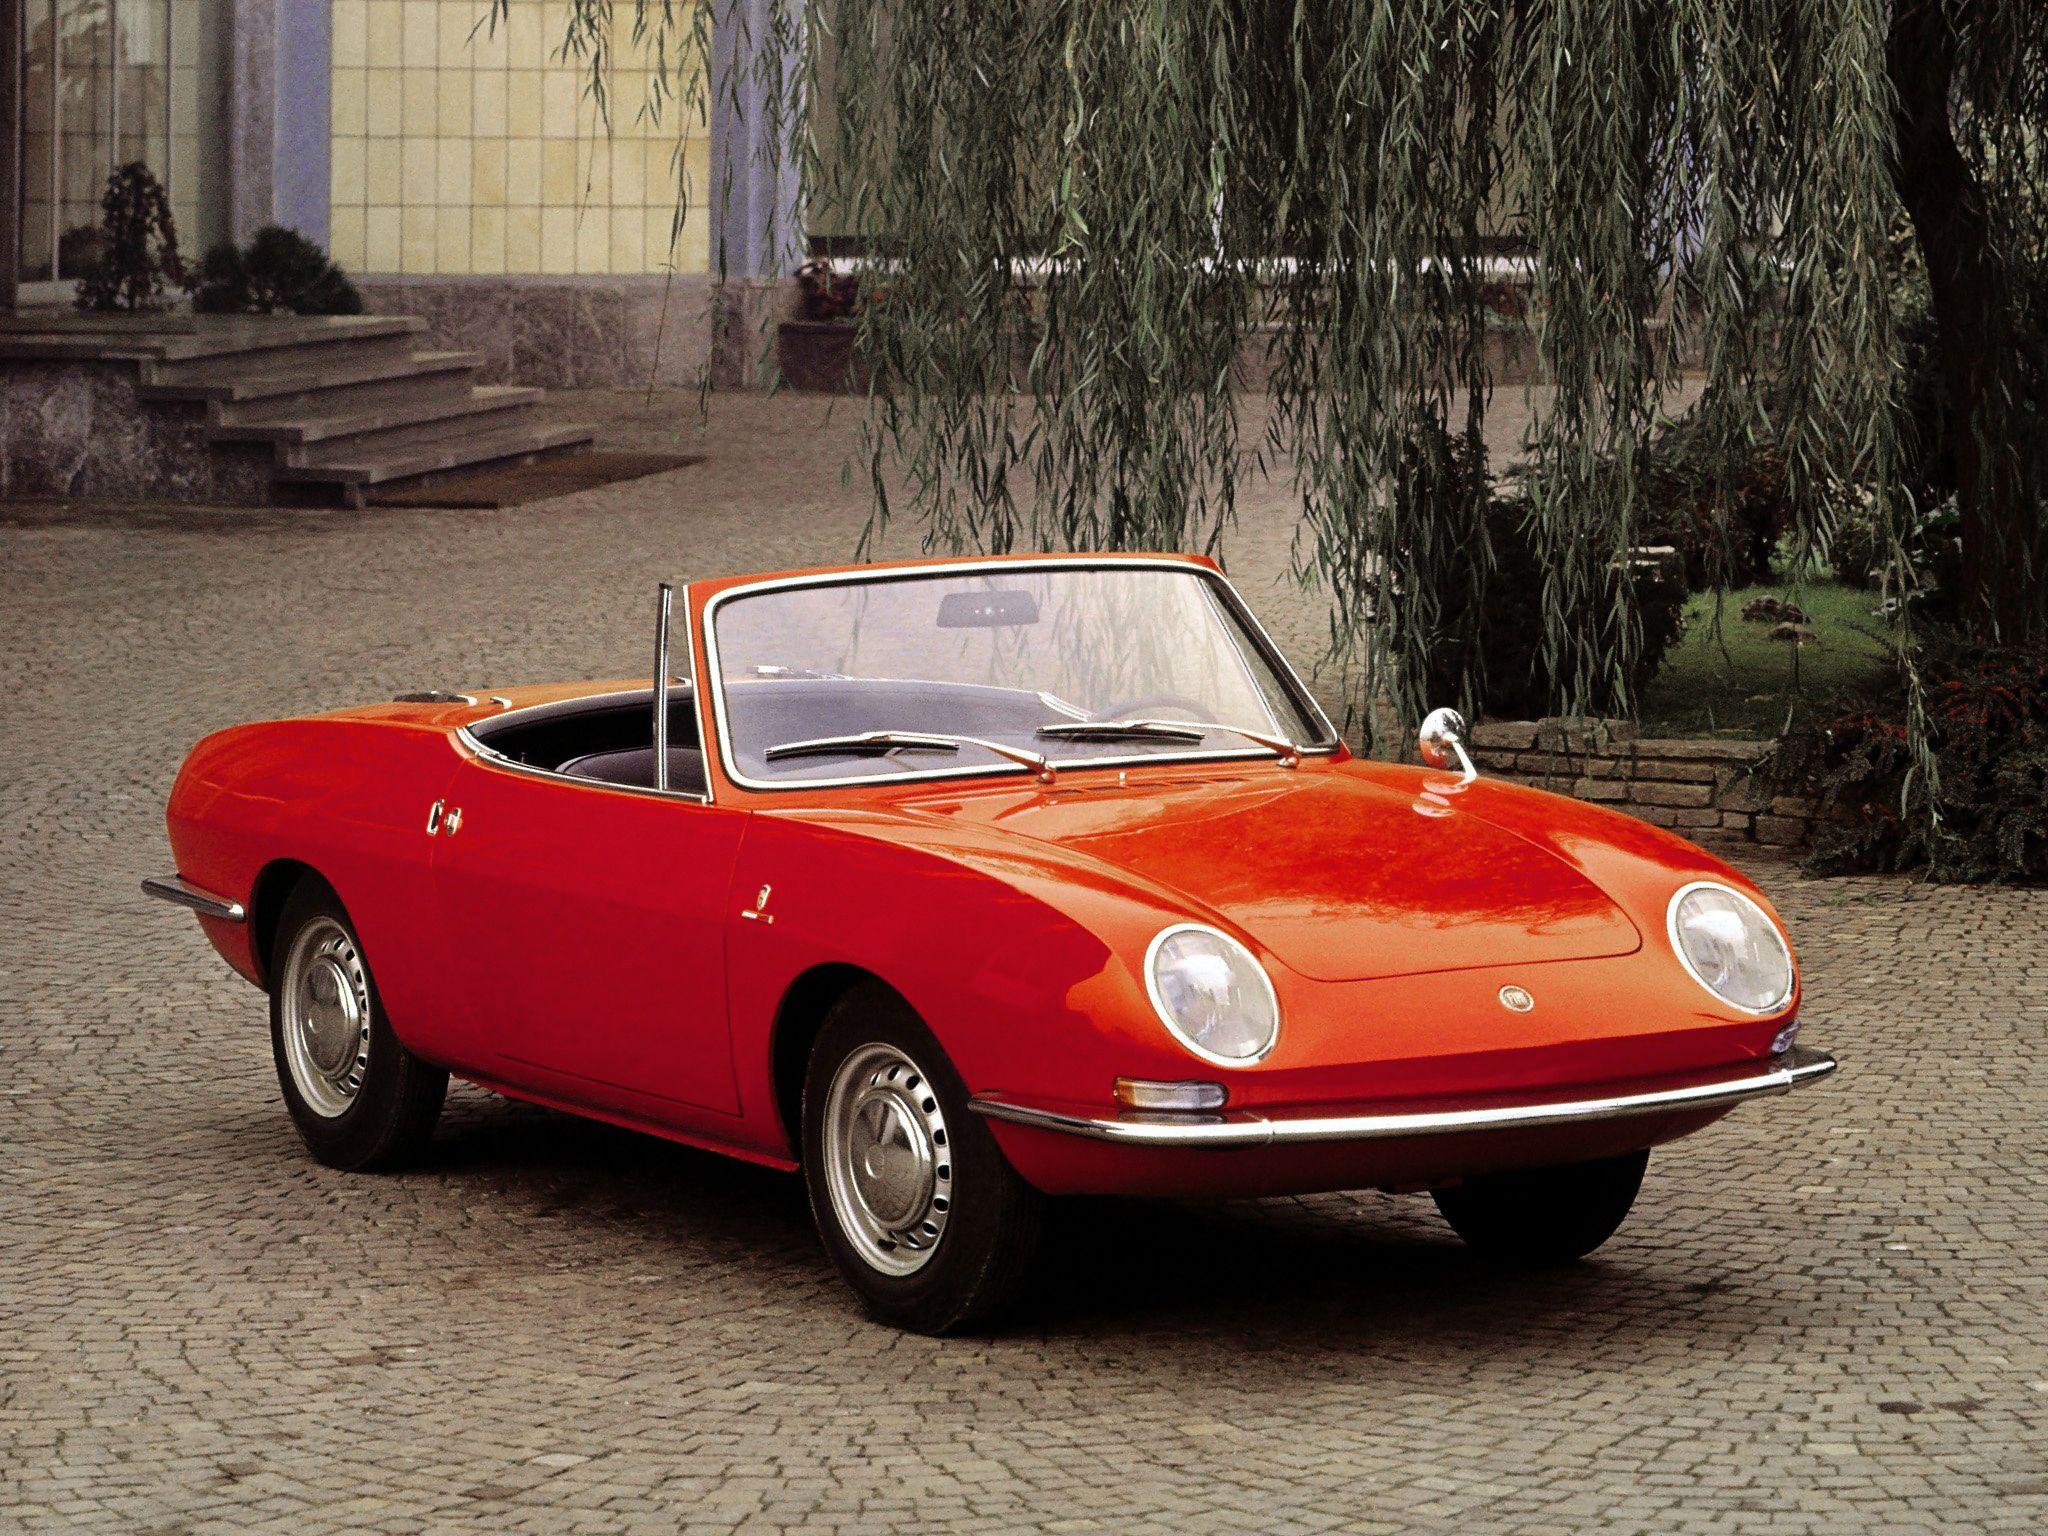 1965 68 Fiat 850 Spider Fiat 850 Fiat Barchetta Fiat Cars